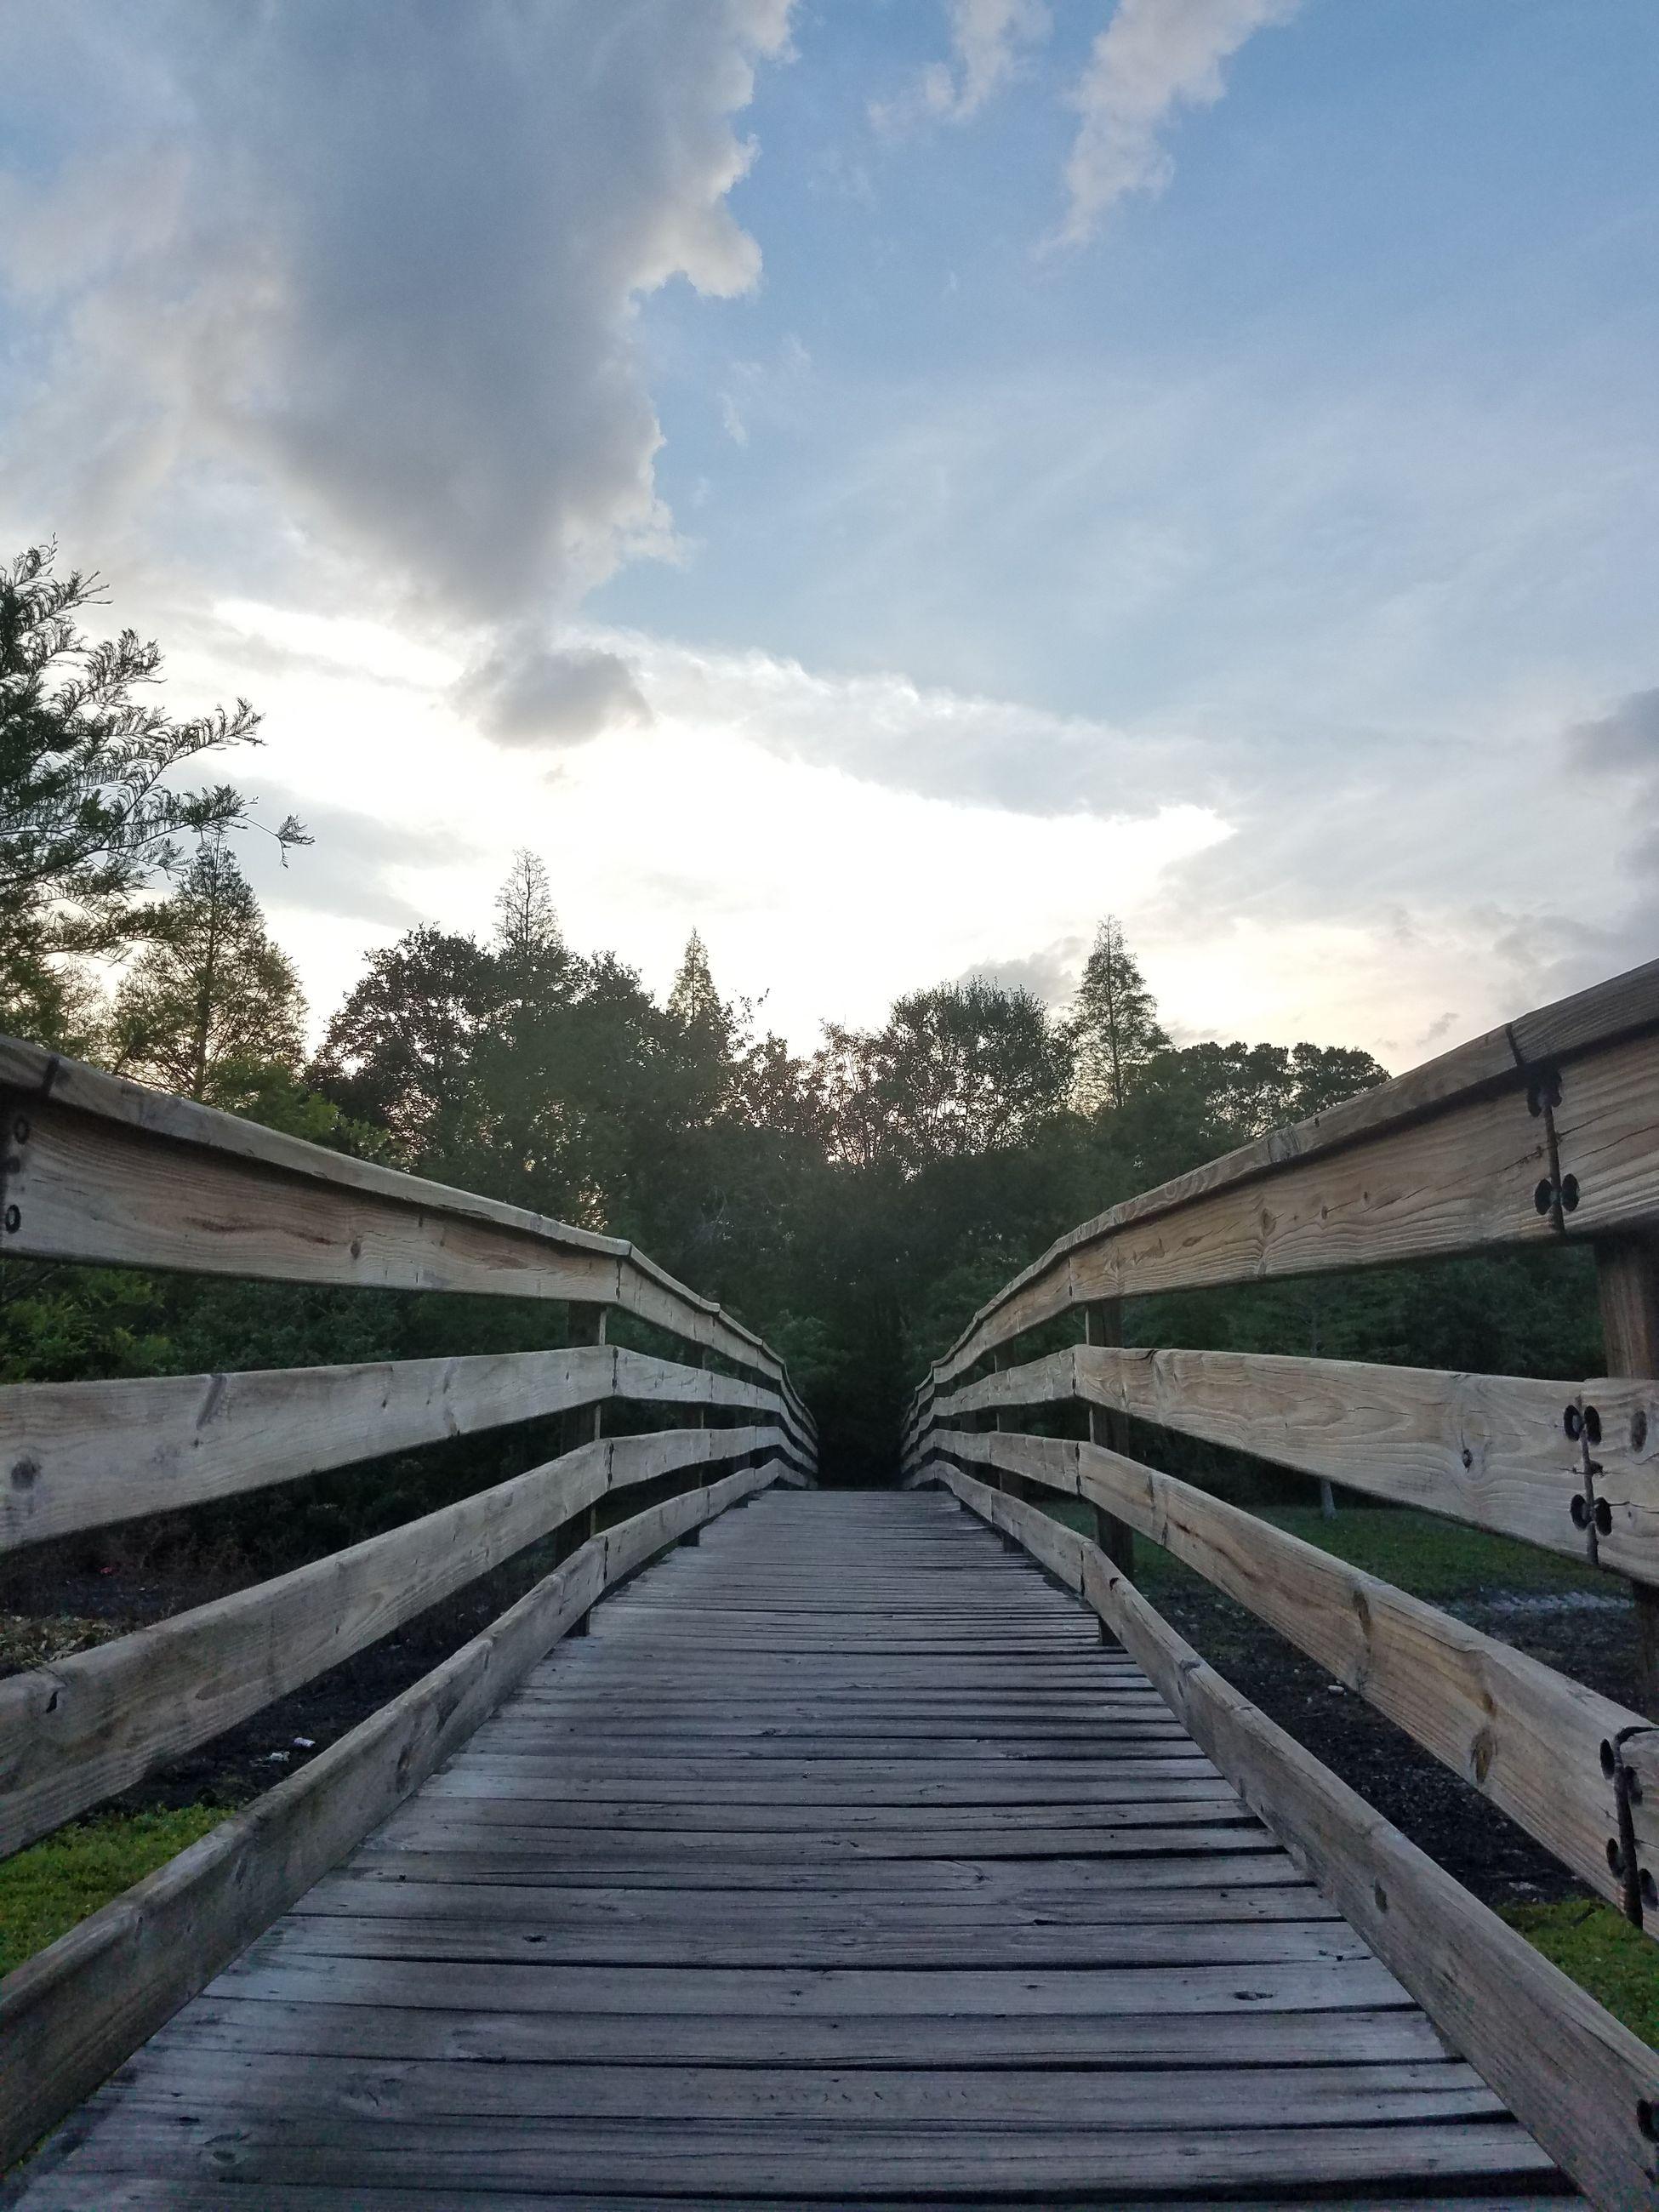 FOOTBRIDGE BY TREES AGAINST SKY